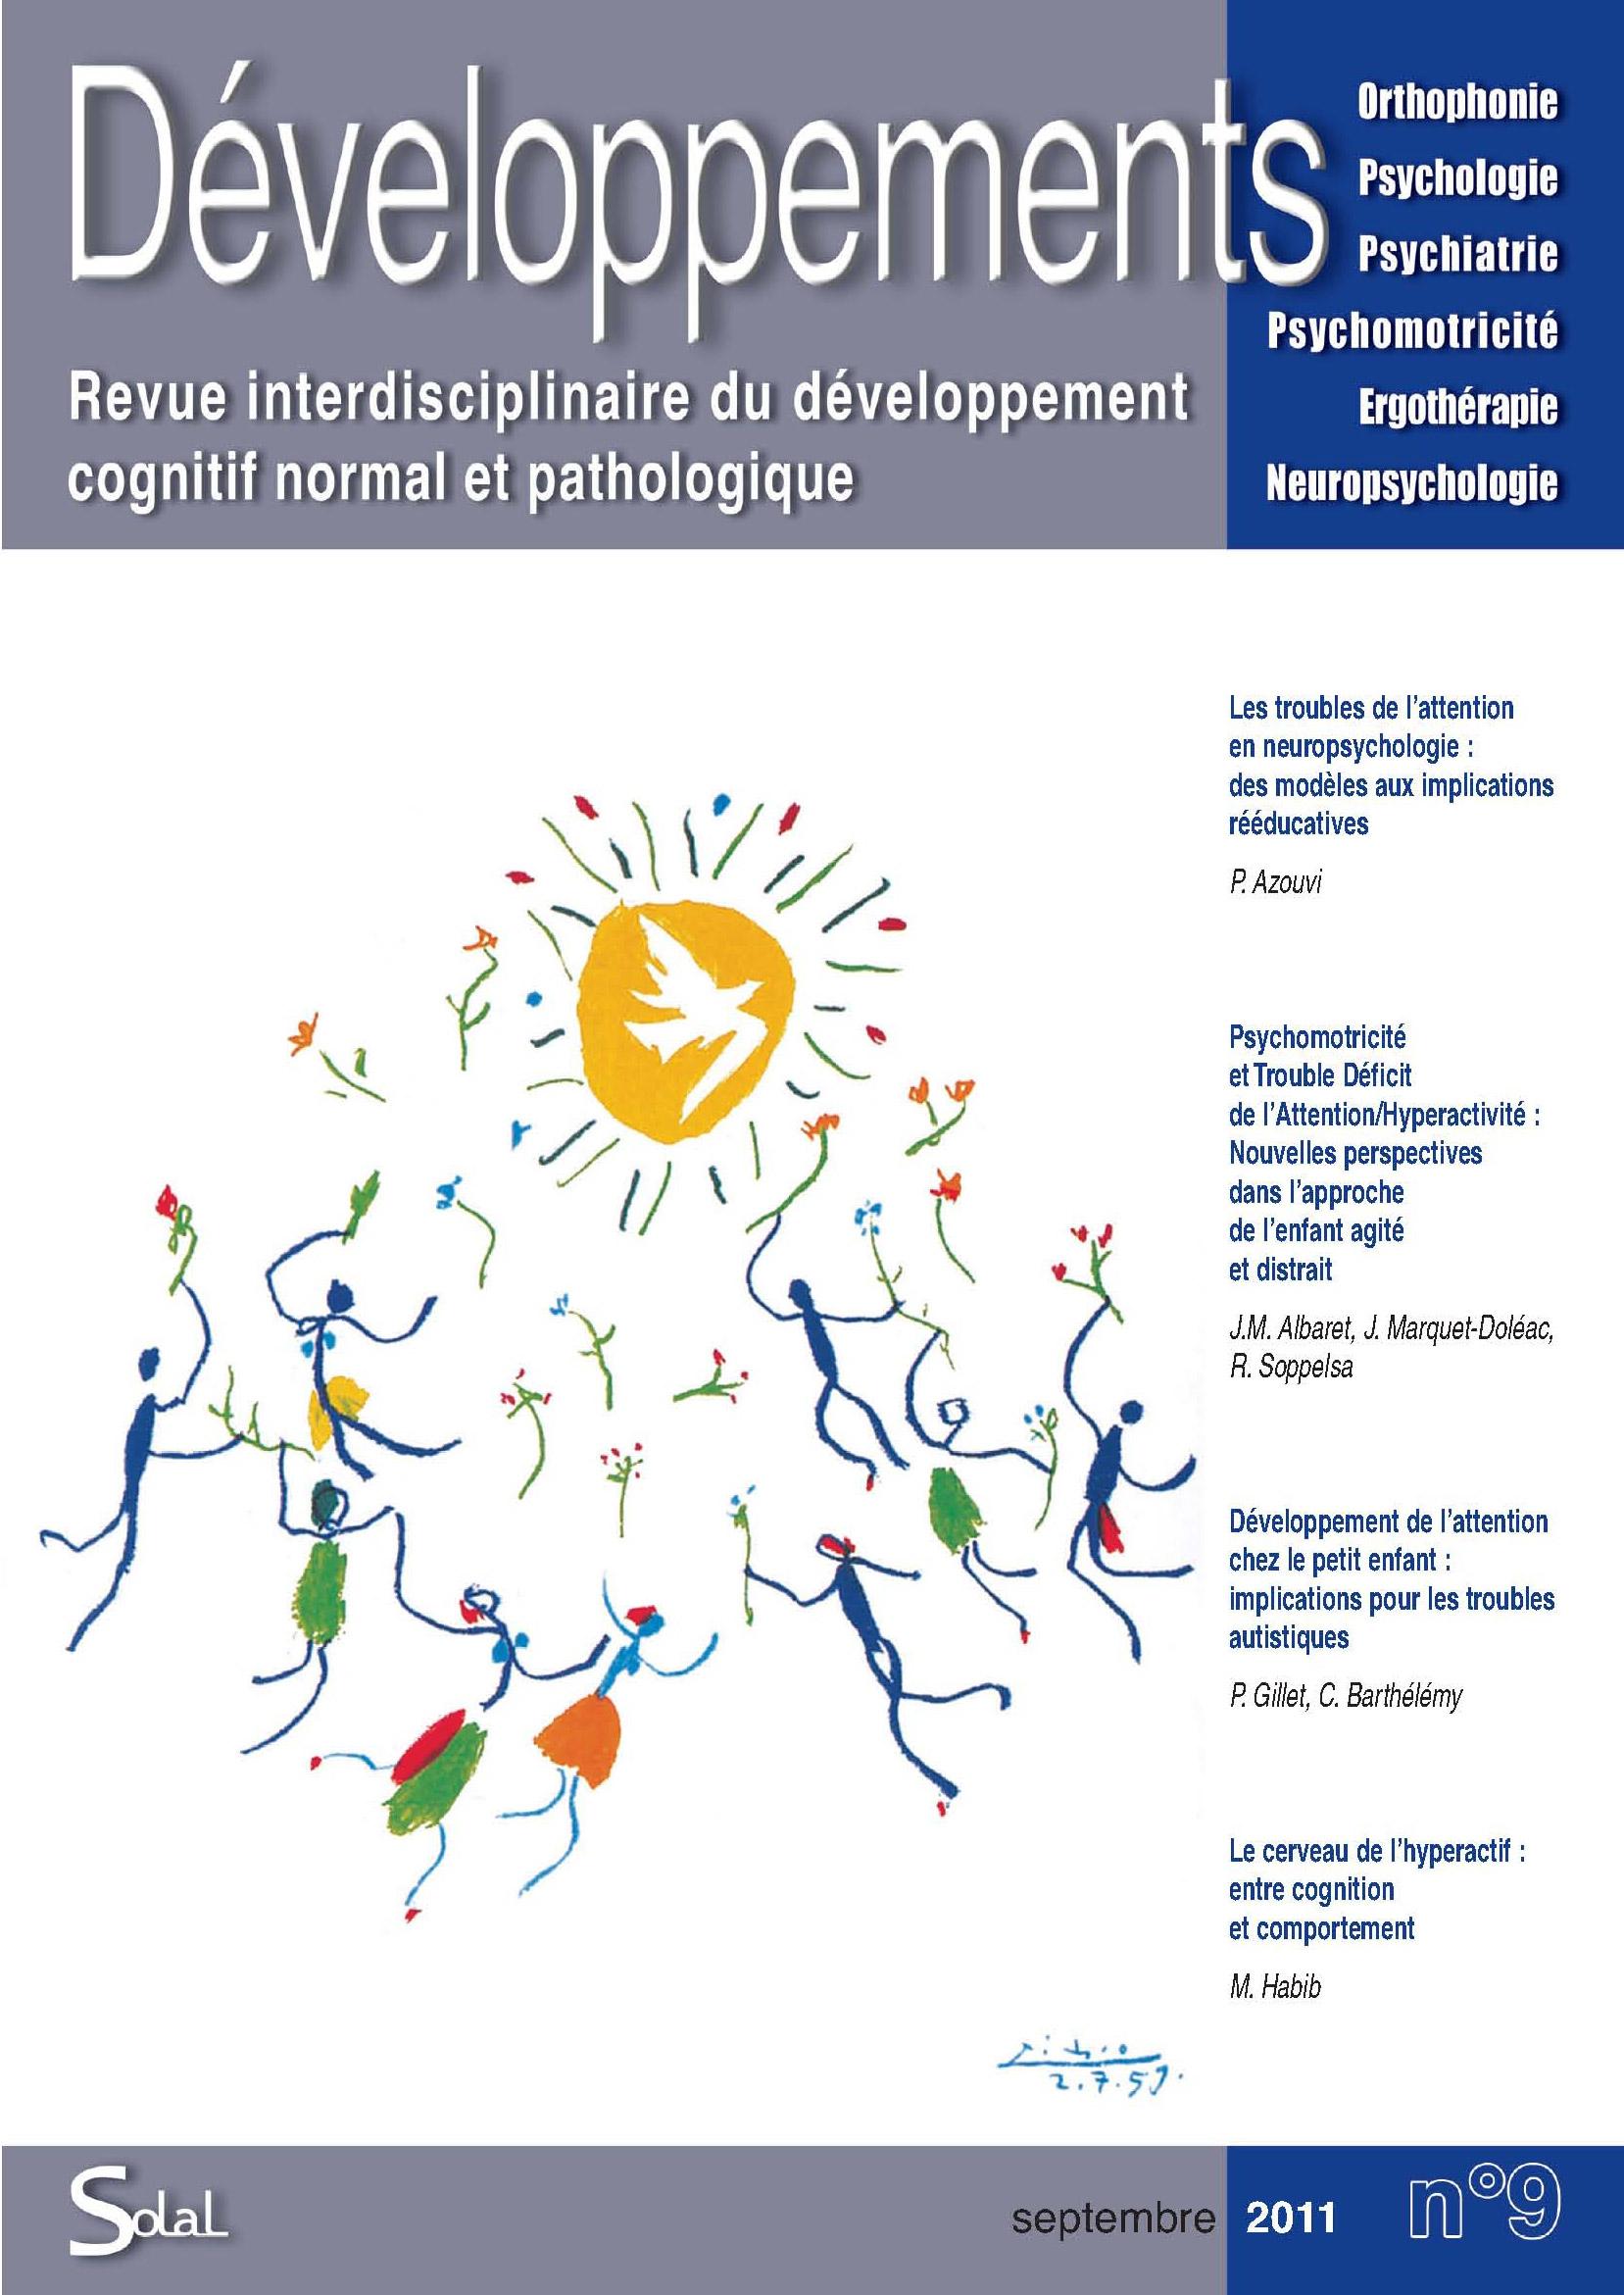 Le cerveau de l'hyperactif : entre cognition et comportement ...